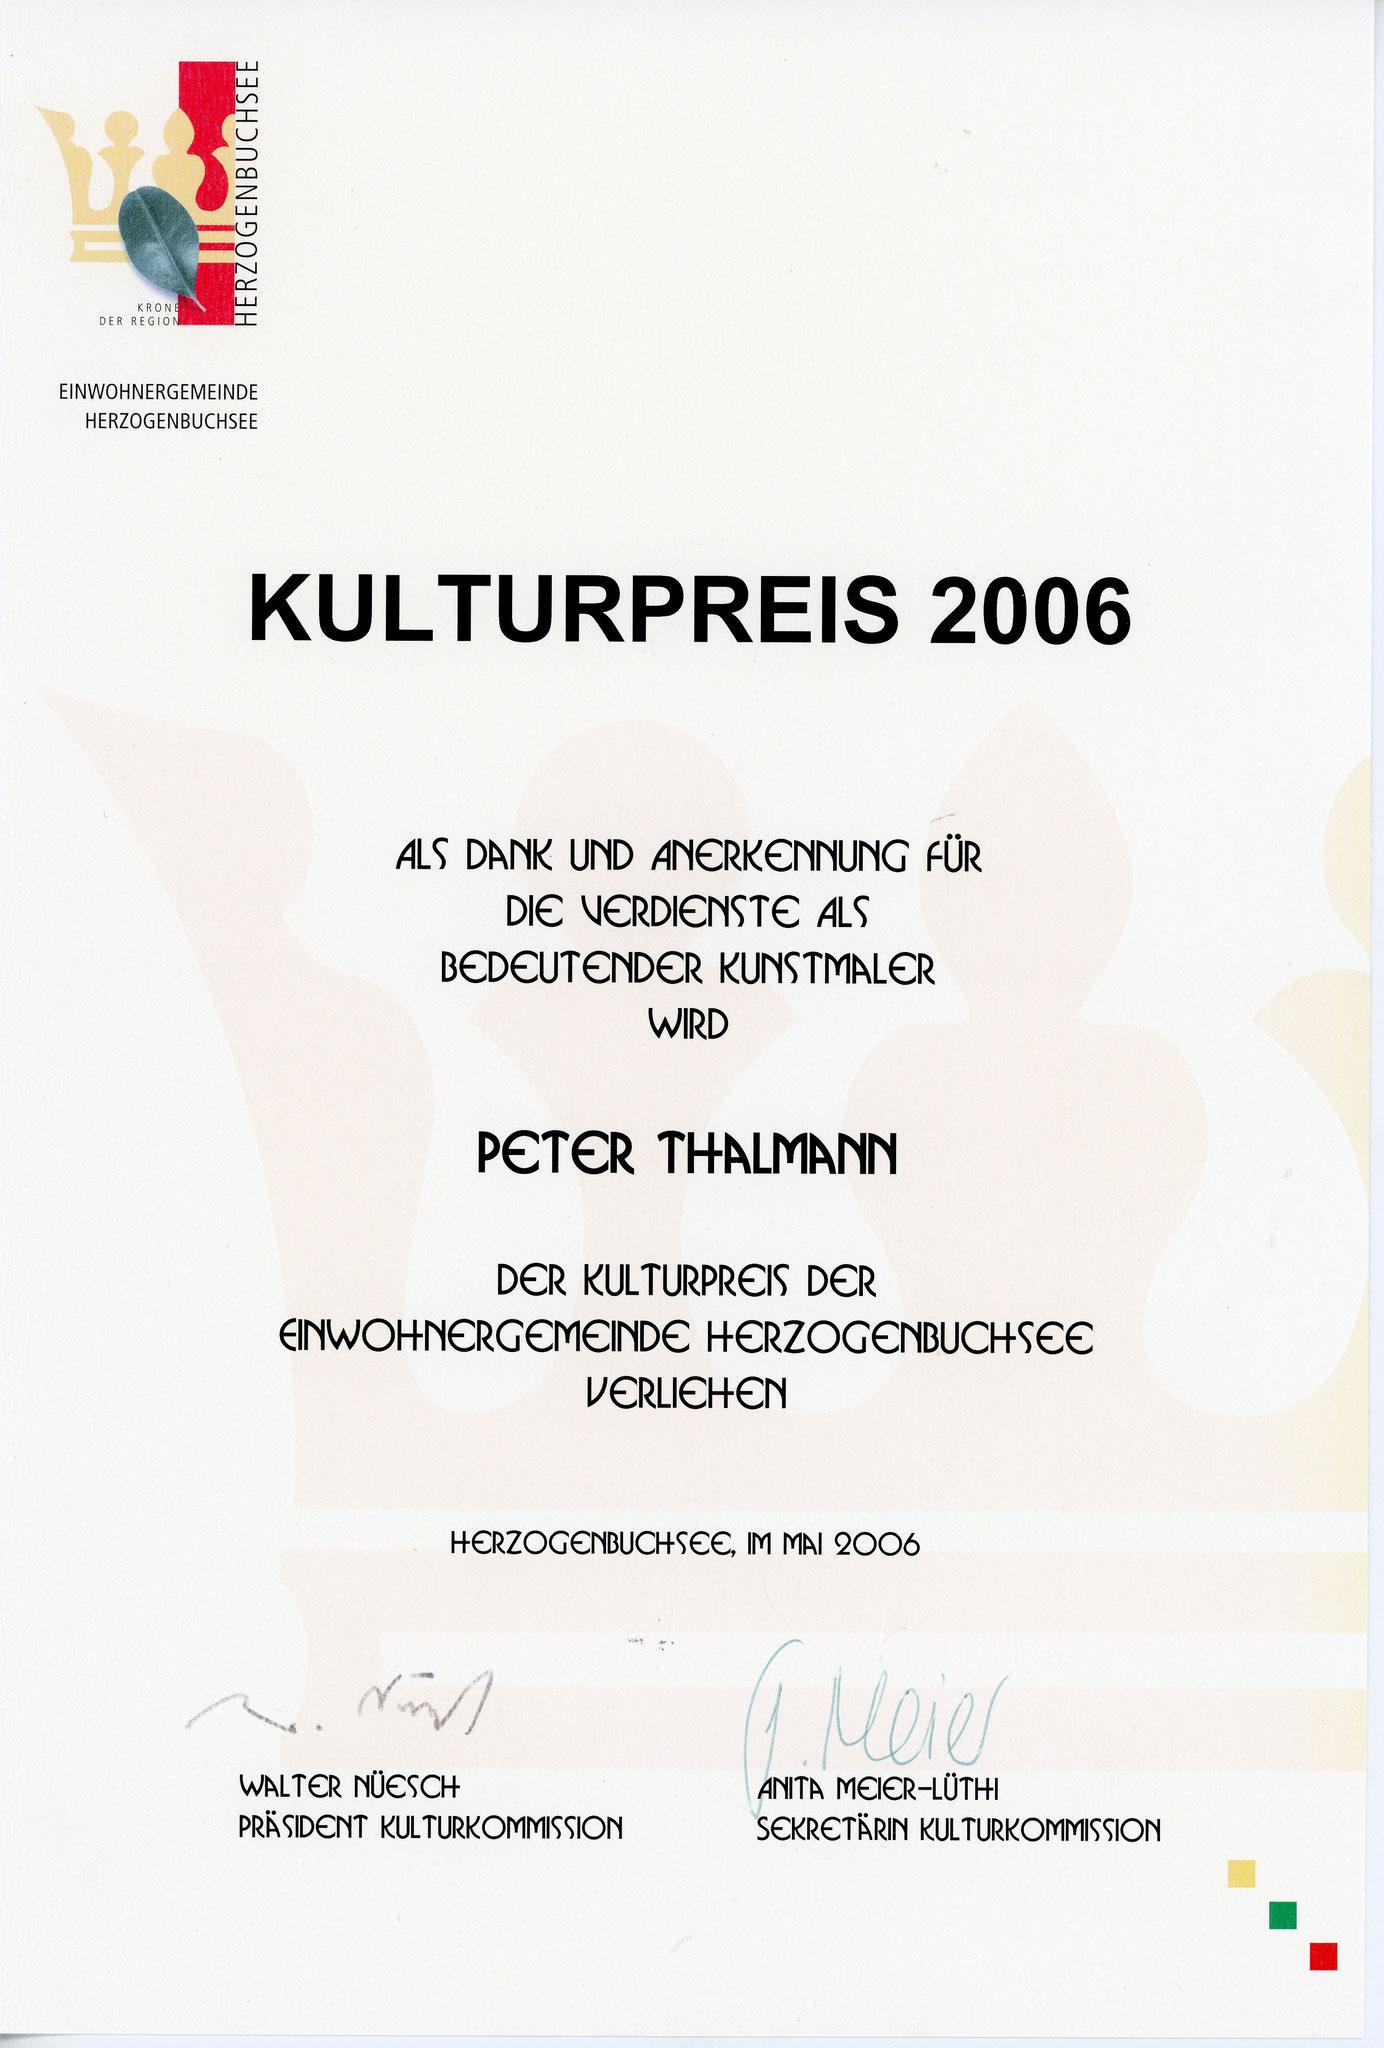 2006, Kulturpreis: Diplom